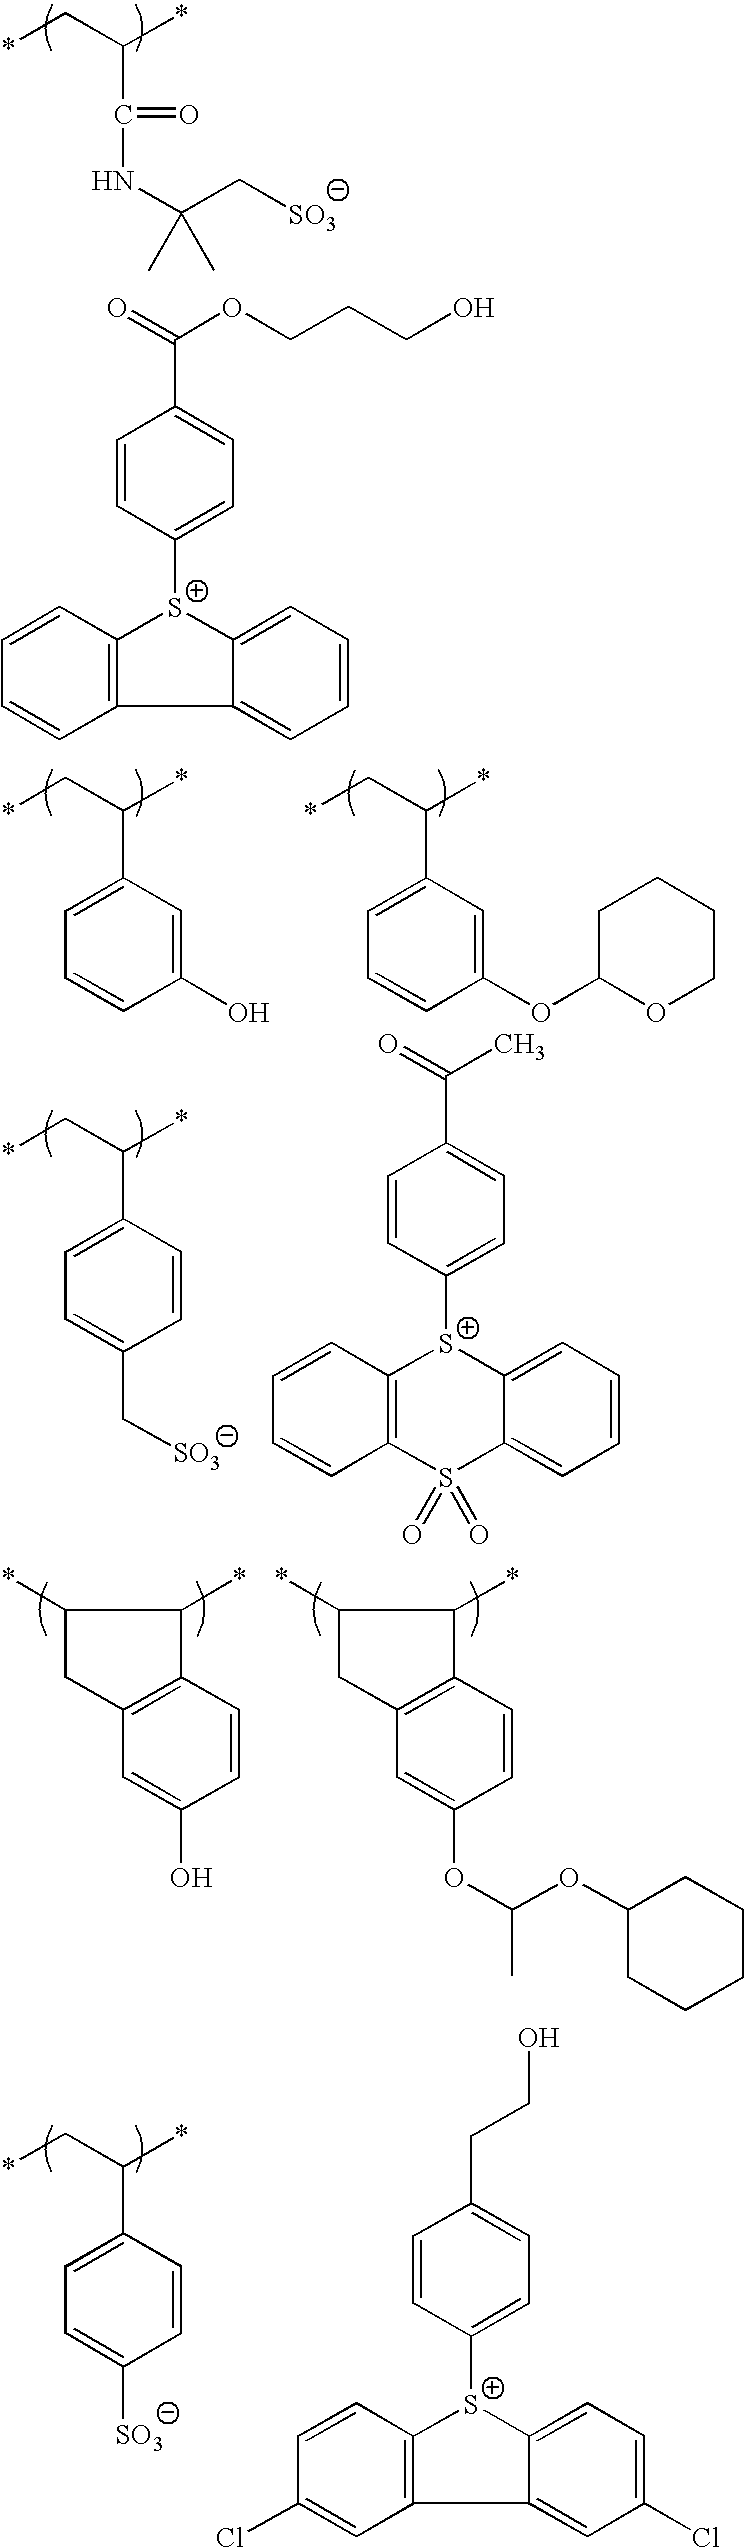 Figure US08852845-20141007-C00182